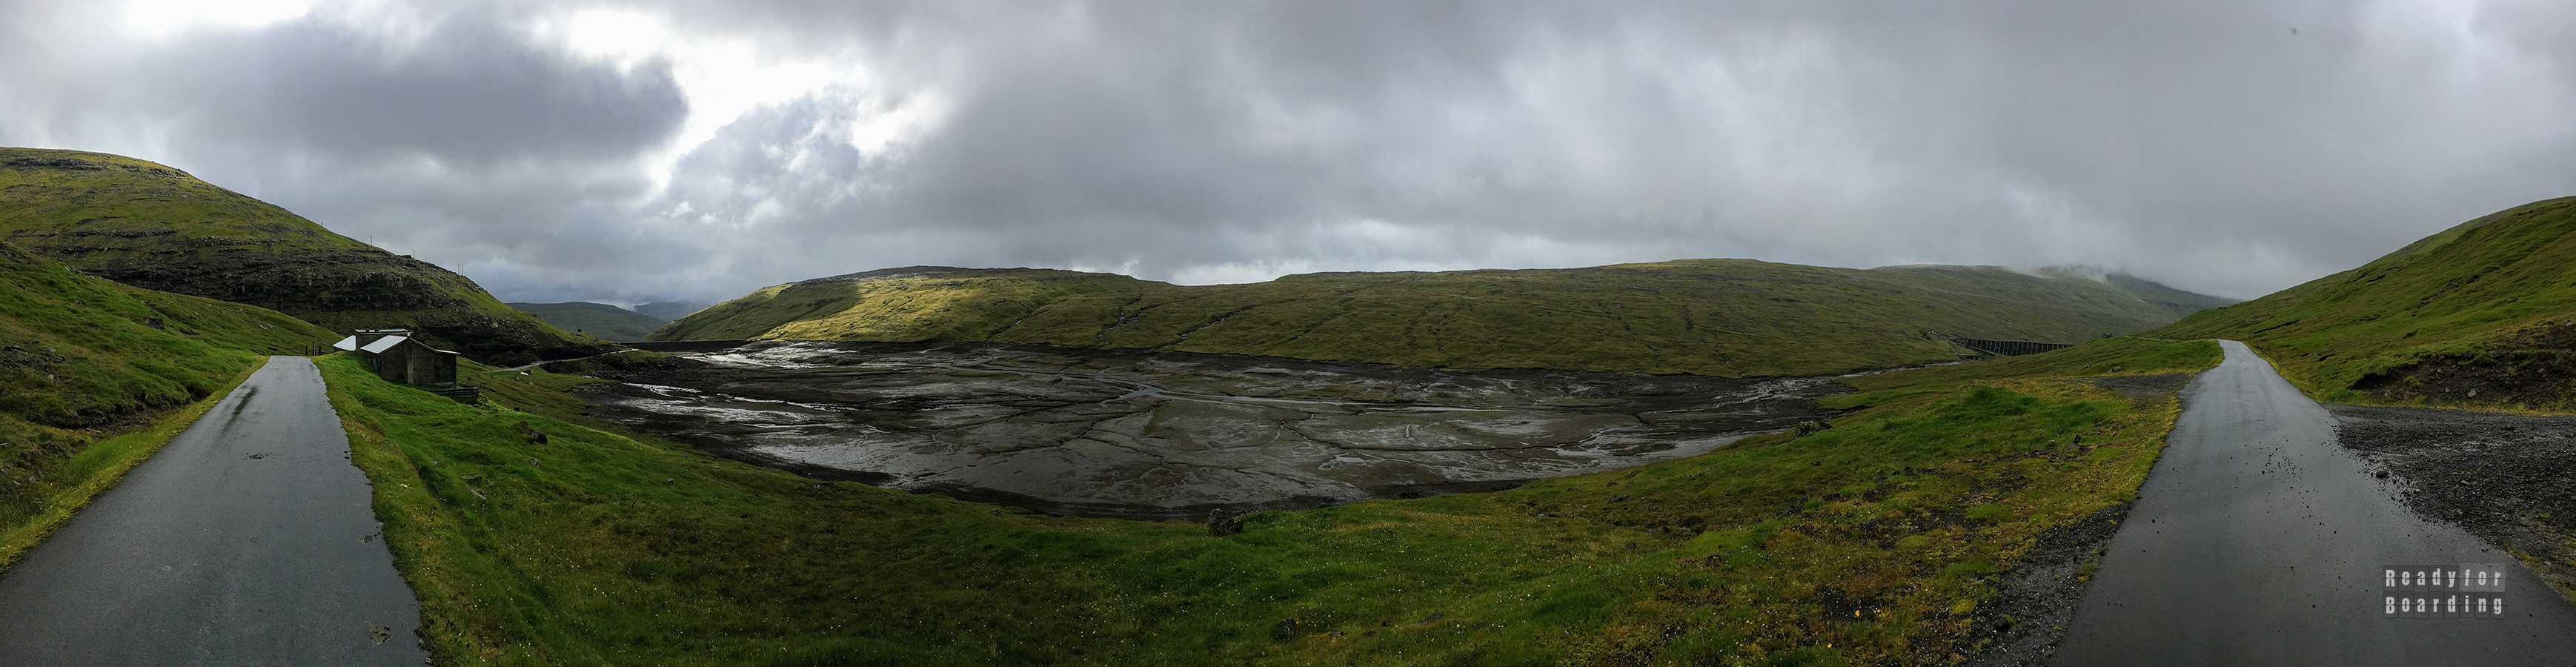 Panorama: Zbiorniki wodne w okolicach Vestmanny, Streymoy - Wyspy Owcze